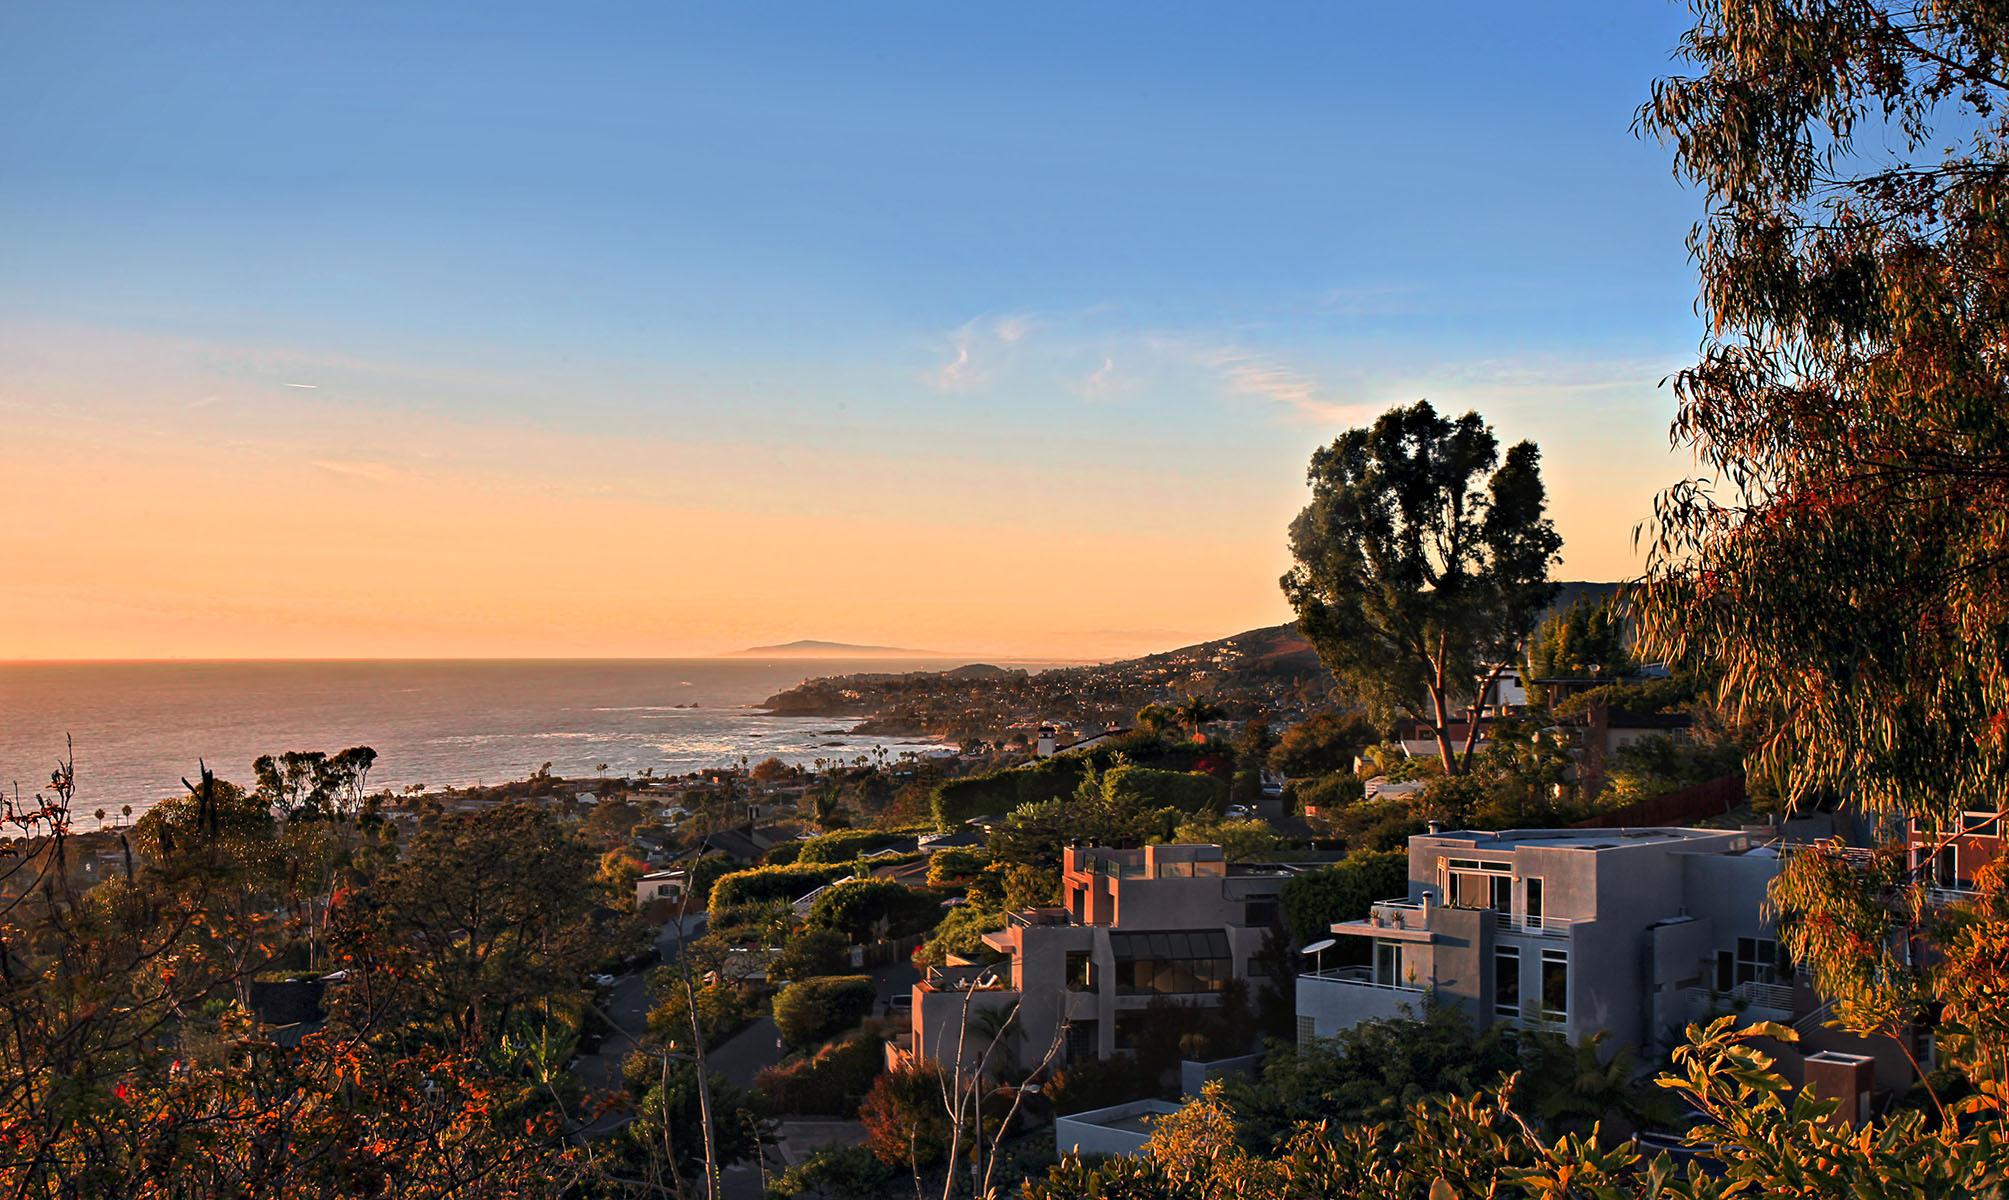 独户住宅 为 销售 在 Laguna Beach 860 Diamond Street Laguna Beach, 加利福尼亚州 92651 美国